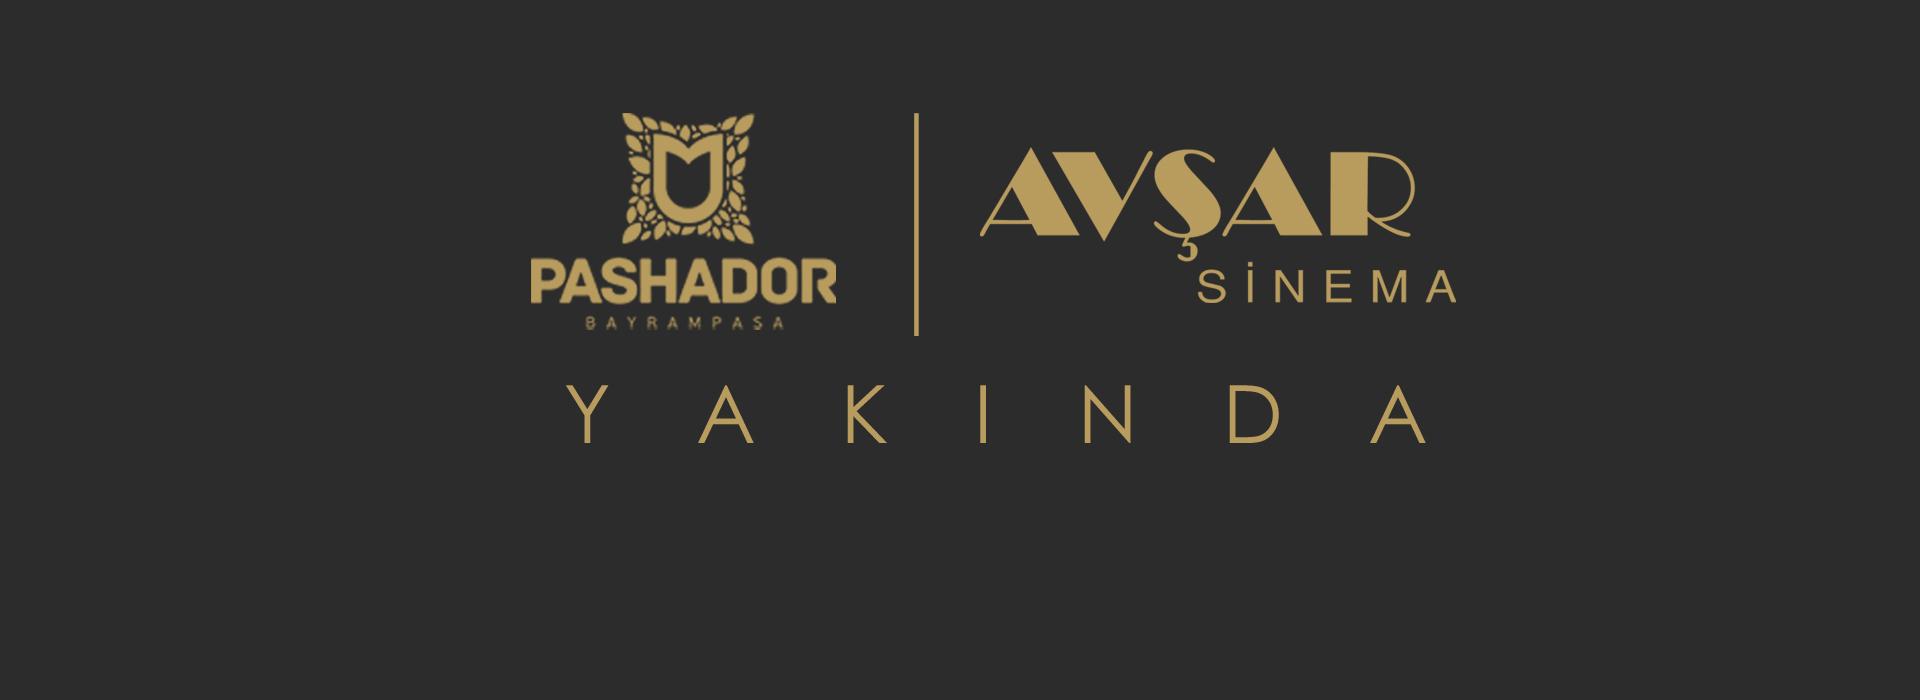 Pashador-Avsar-Sinema